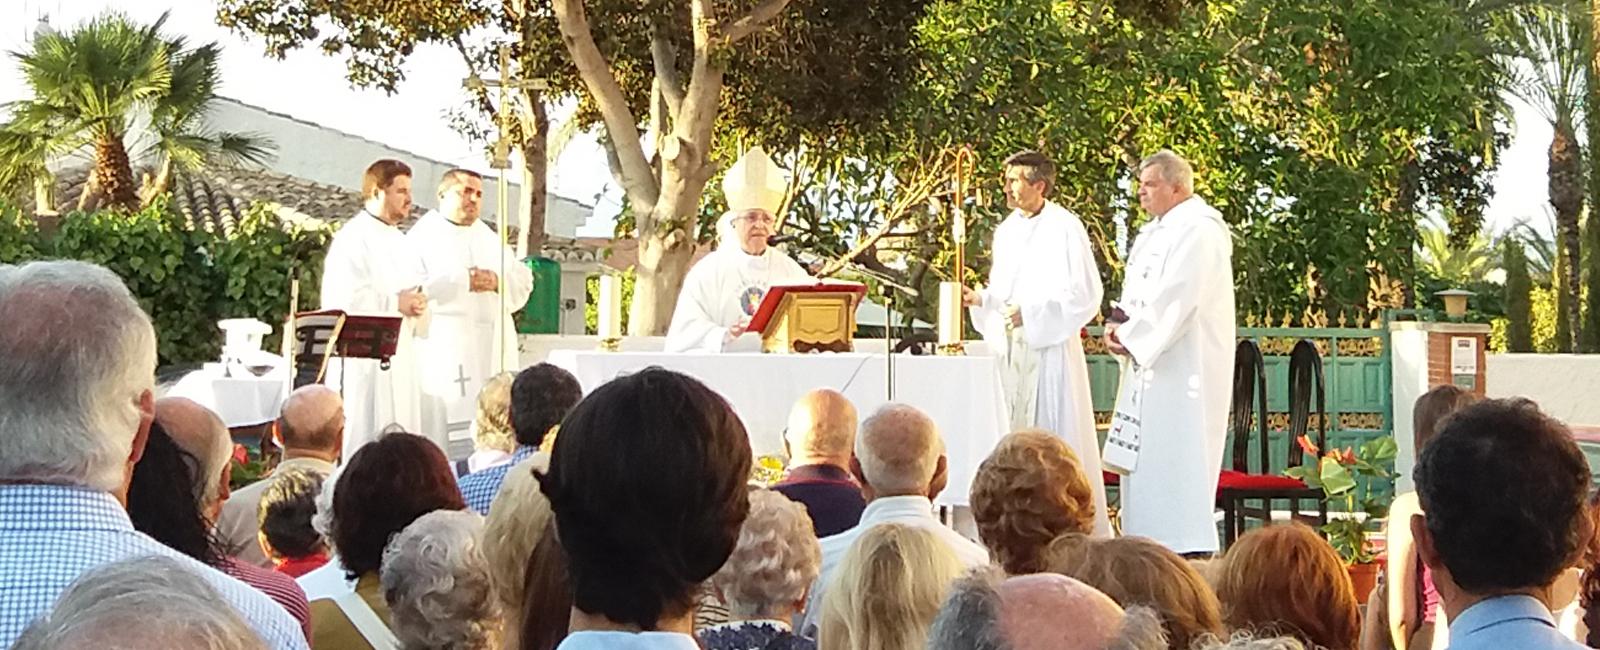 Parroquia El Altet - Celebración Centenario Parroquia